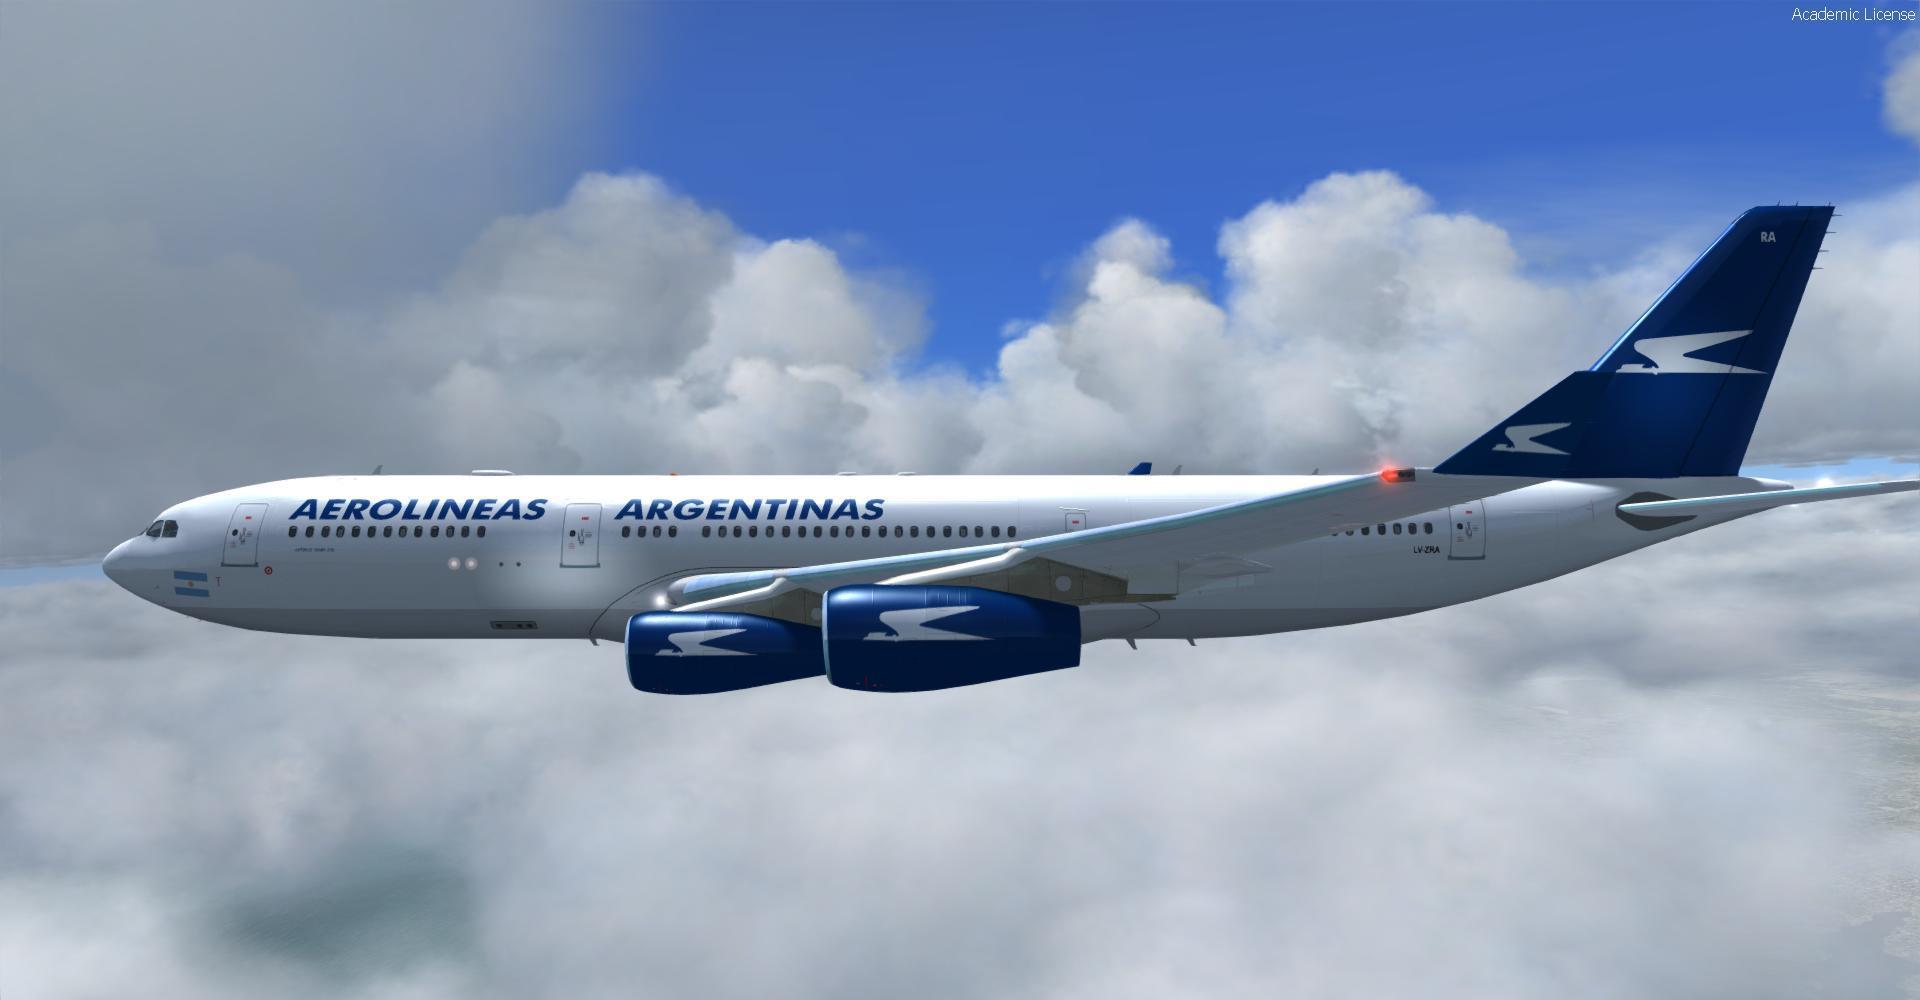 Airbus a340 fsx